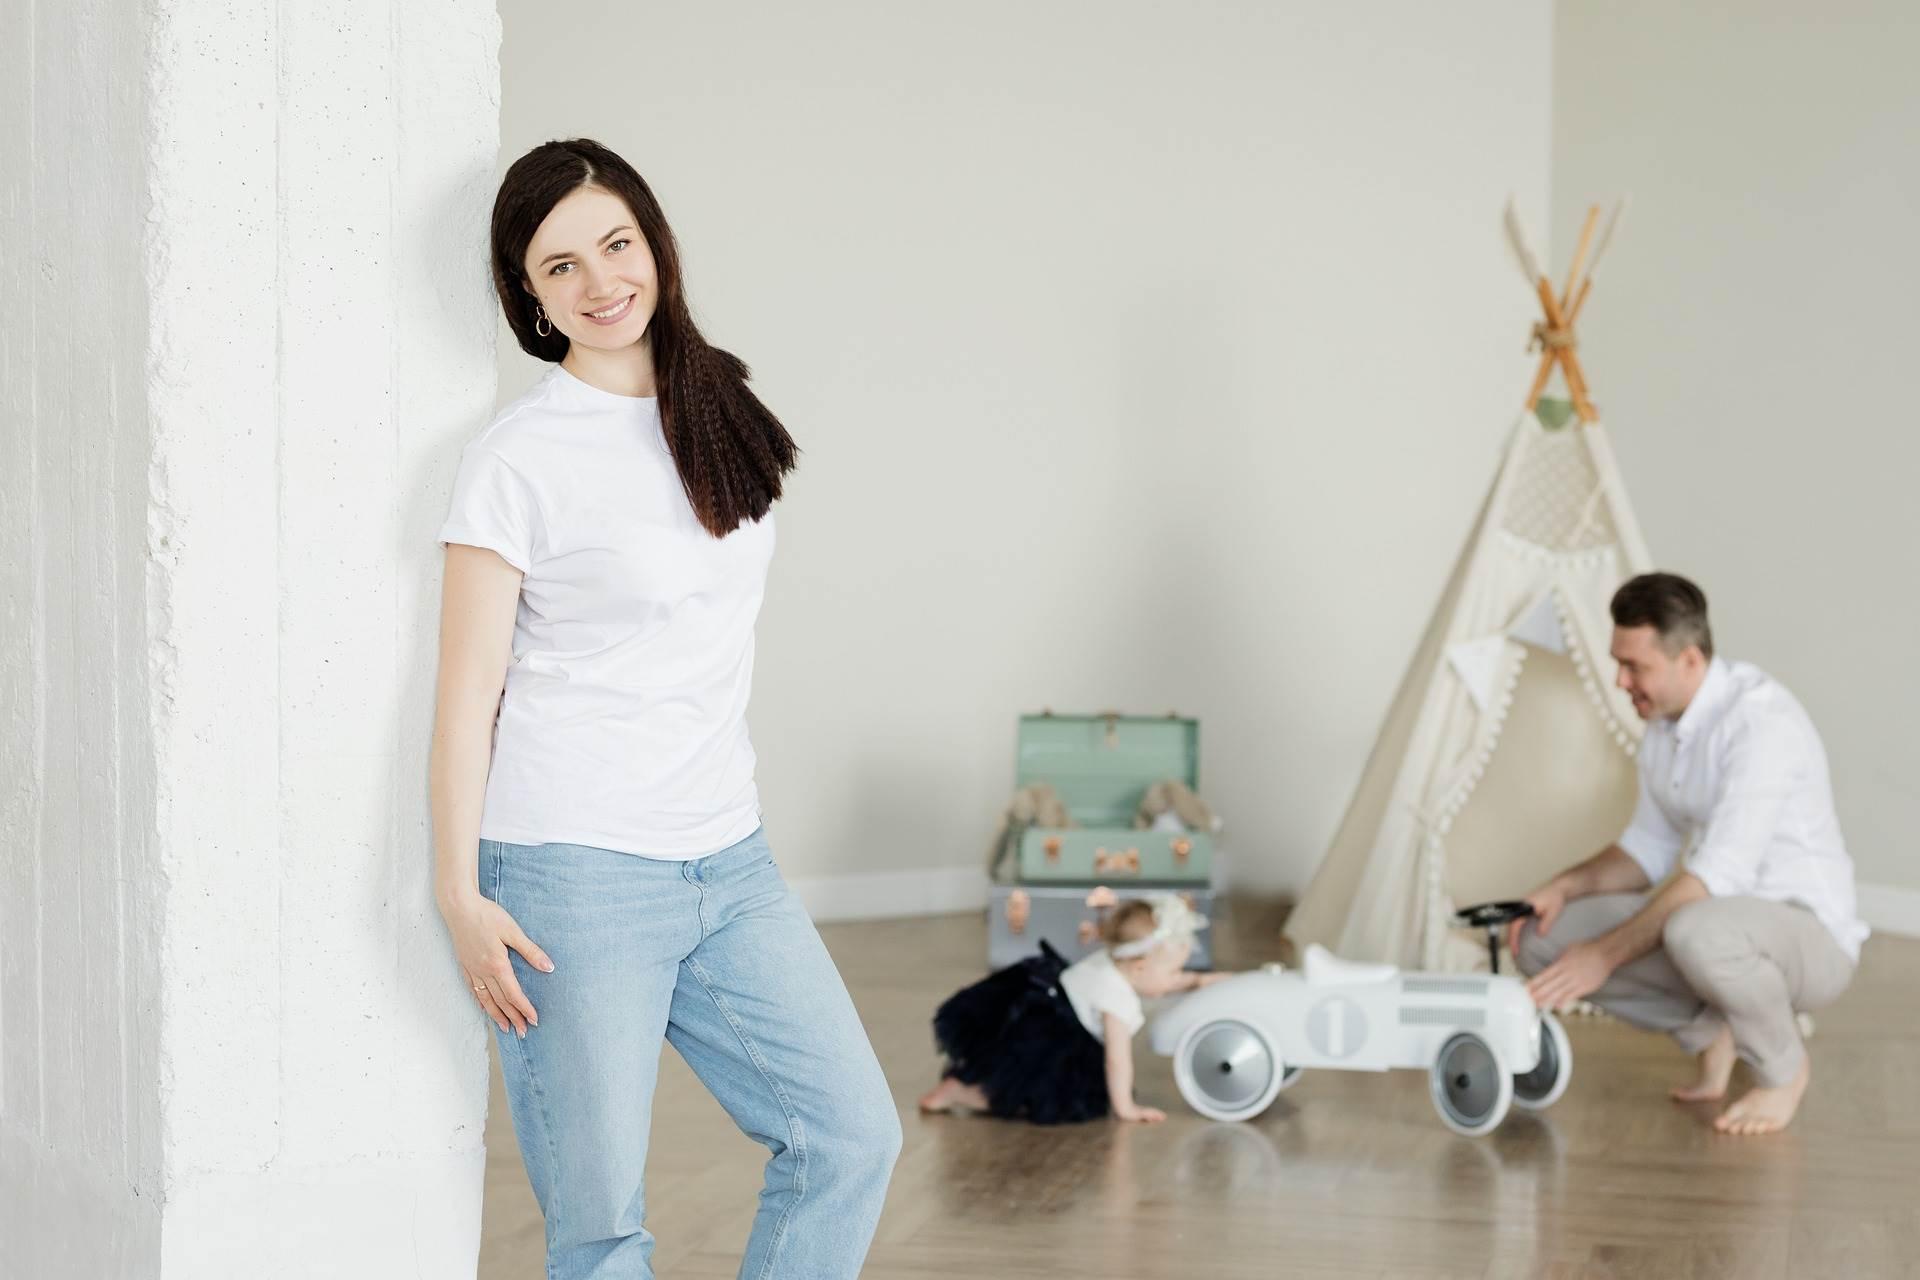 Važni su mamini savjeti o odgoju